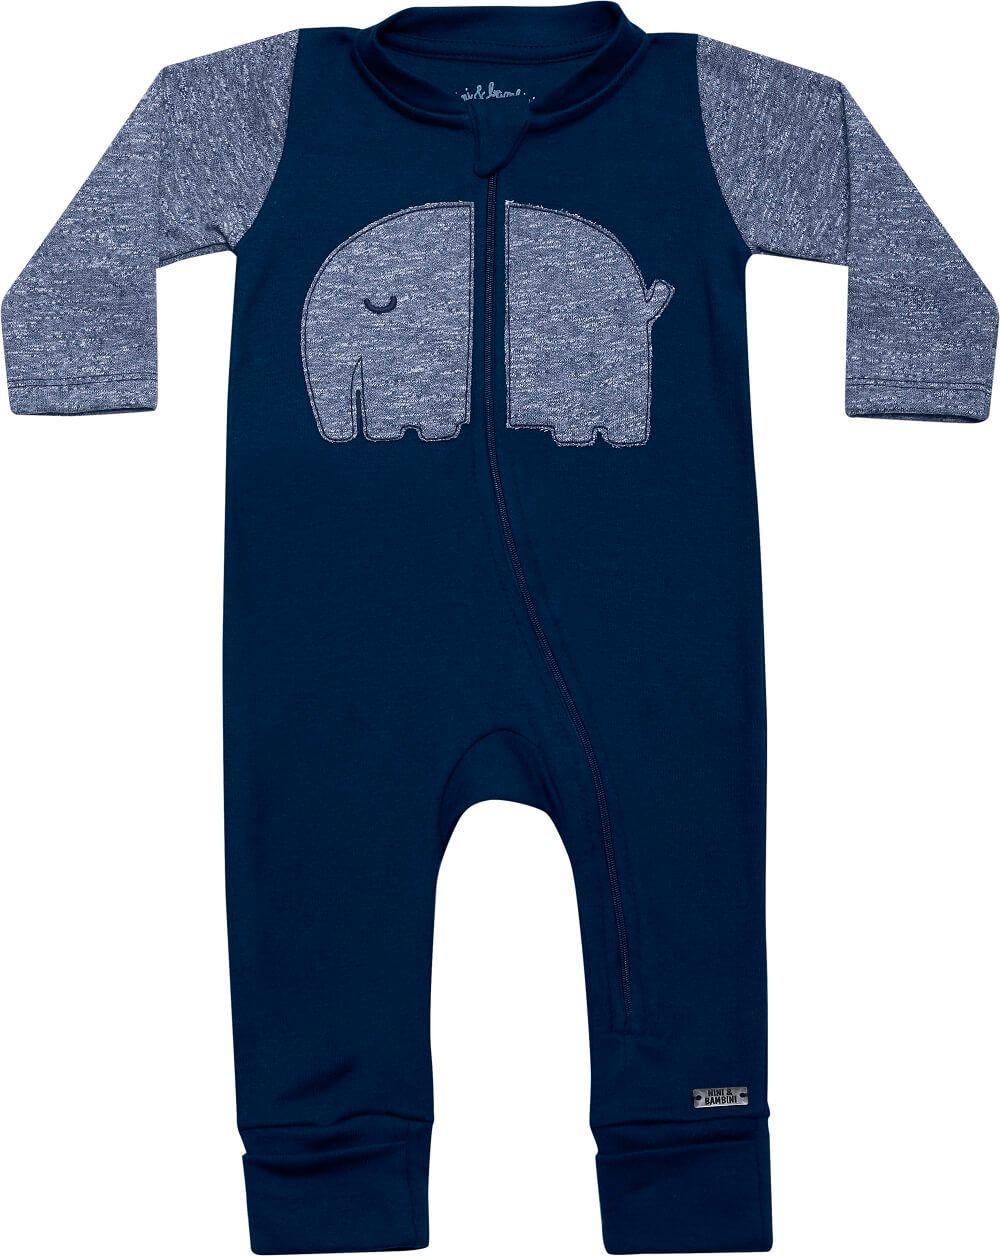 Macacão Manga Longa em Suedine com Zíper Elefante Azul Marinho - Nini & Bambini